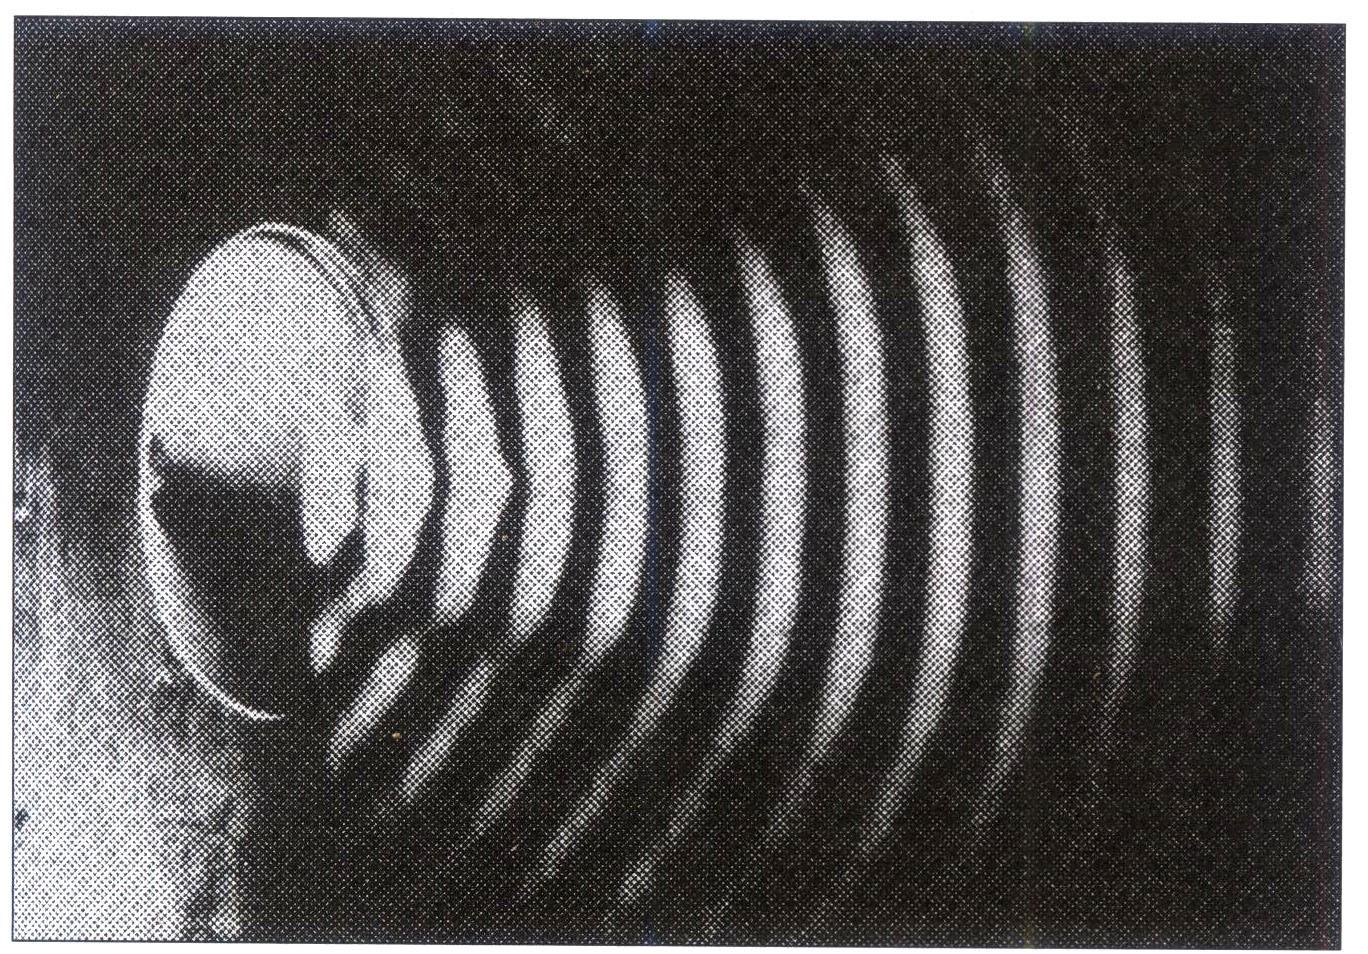 Đây là một thời gian tiếp xúc thực của một phần sóng âm thanh được phát ra từ loa